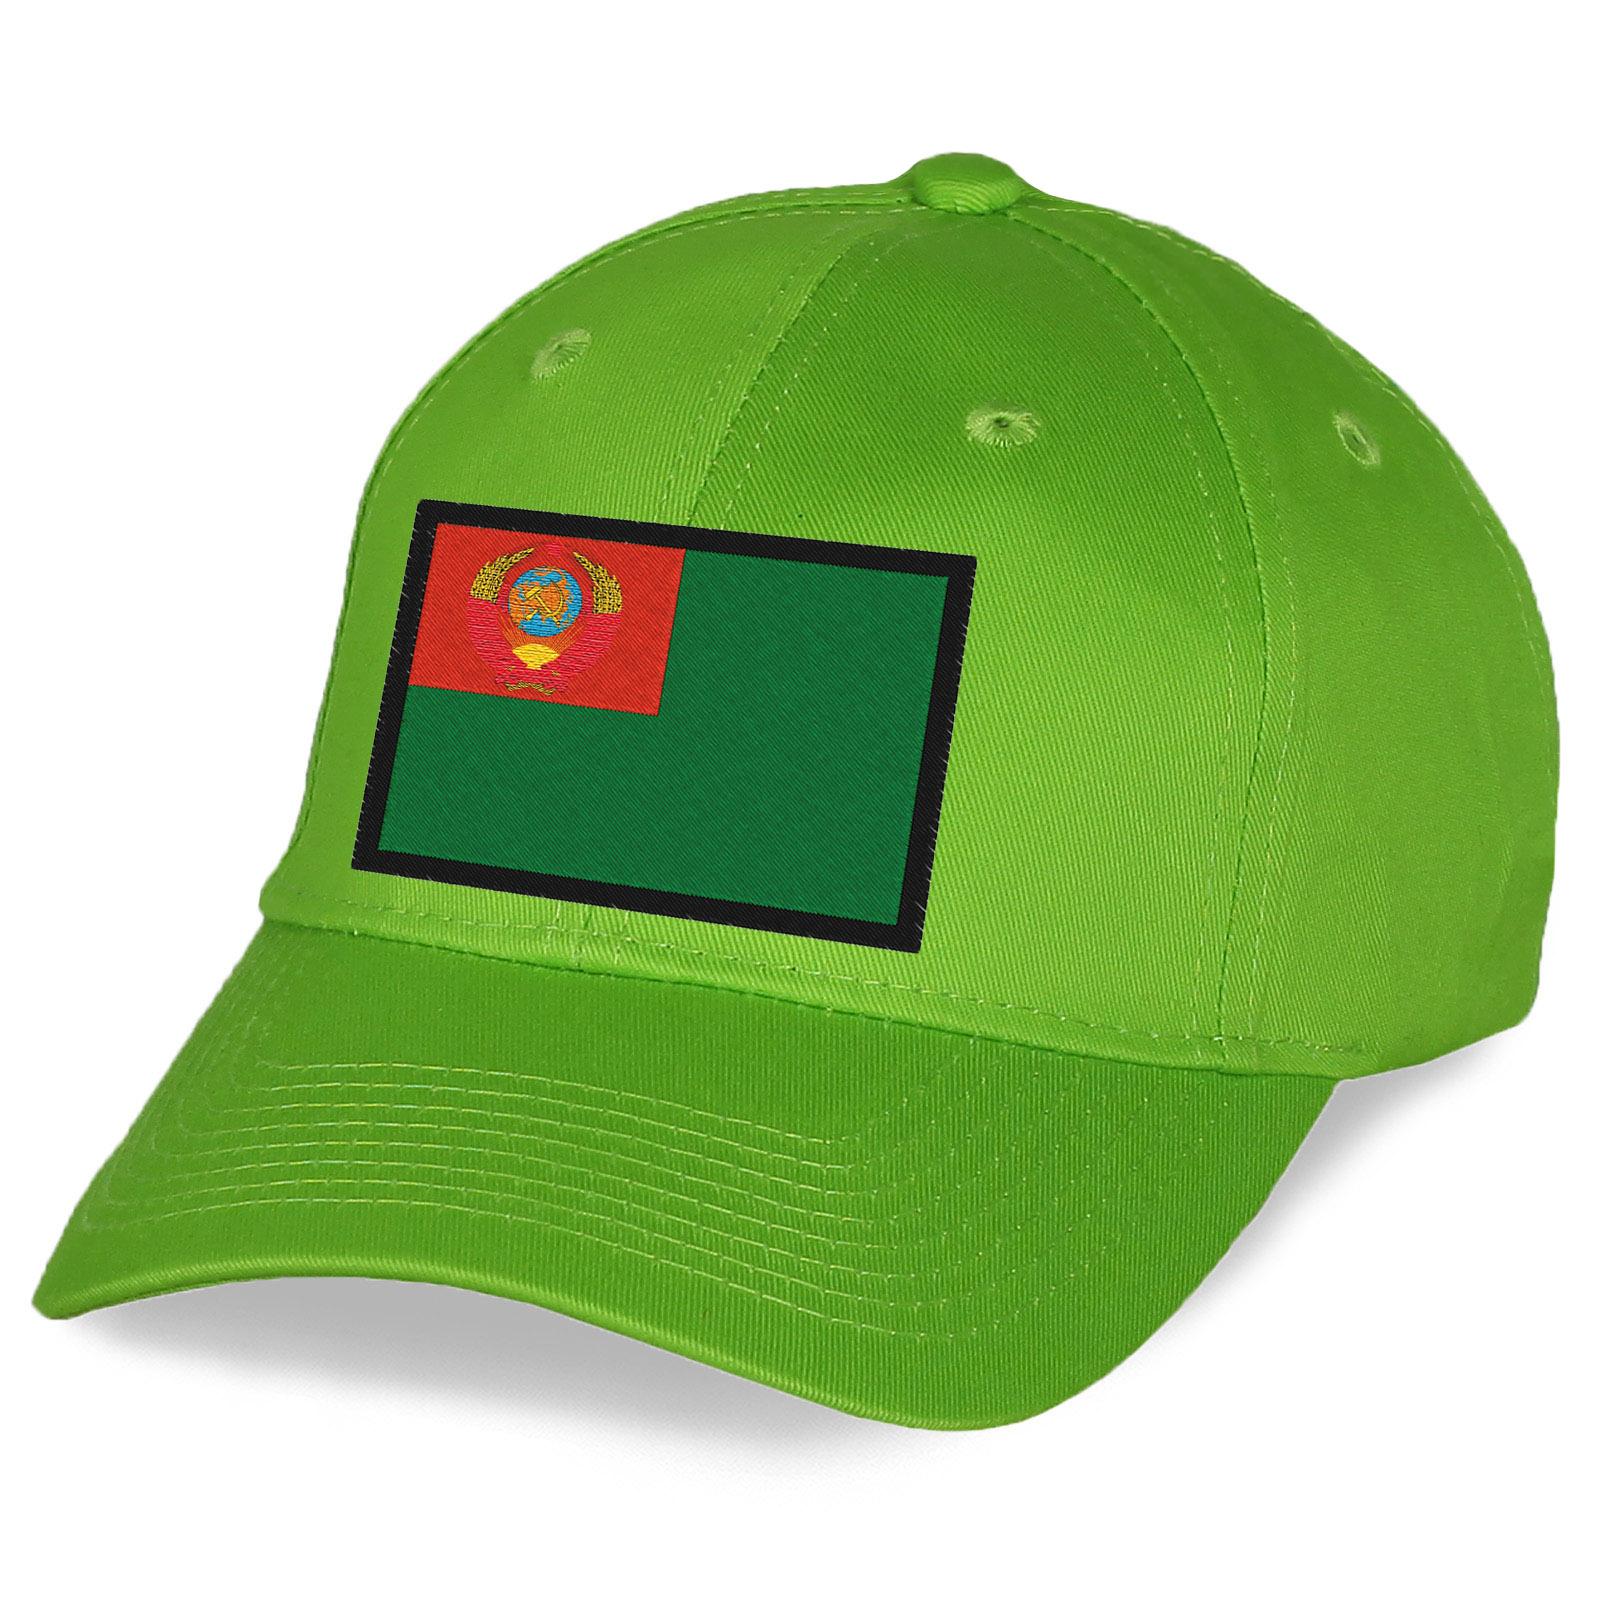 Кепка с вышитым советским пограничным флагом.